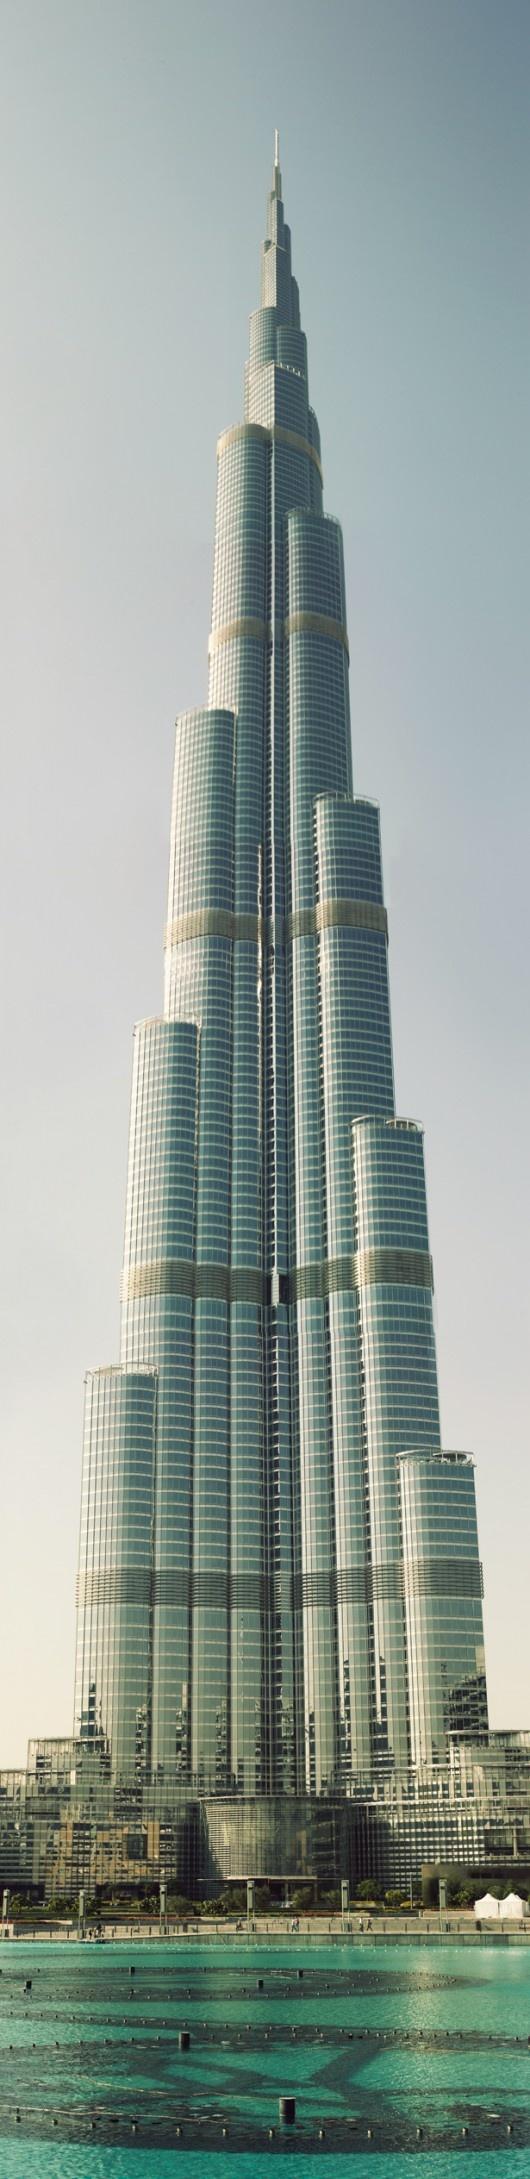 Burj Khalifa in Dubai #dubai #uae  http://dubaiuae.co/DubaiTravelHotels